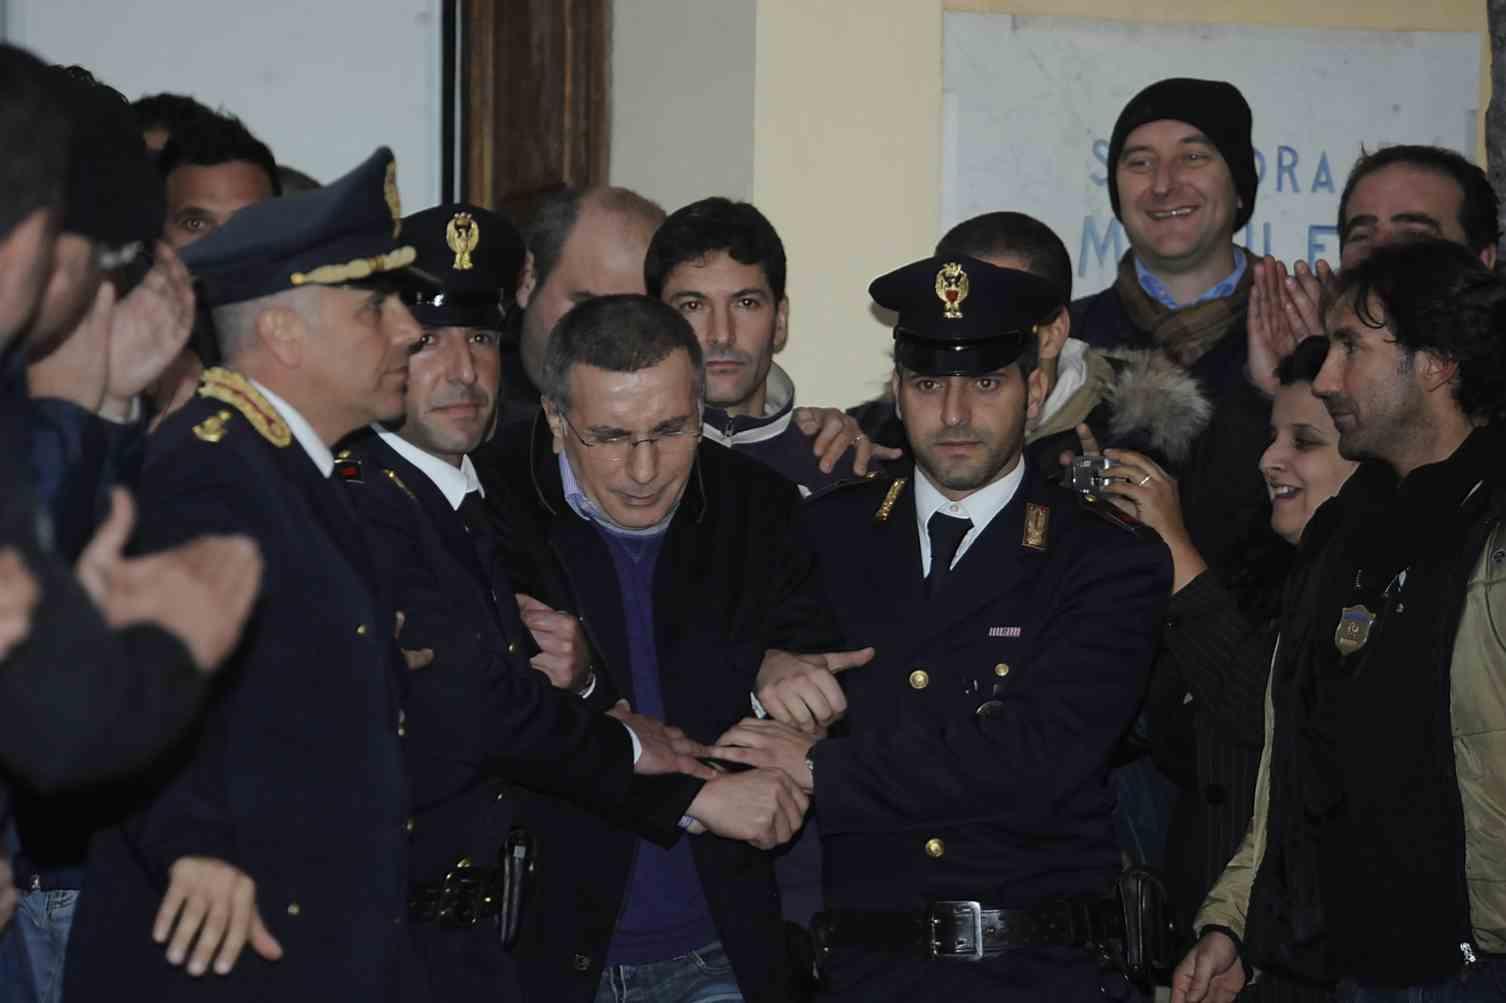 Arresto zagaria 202